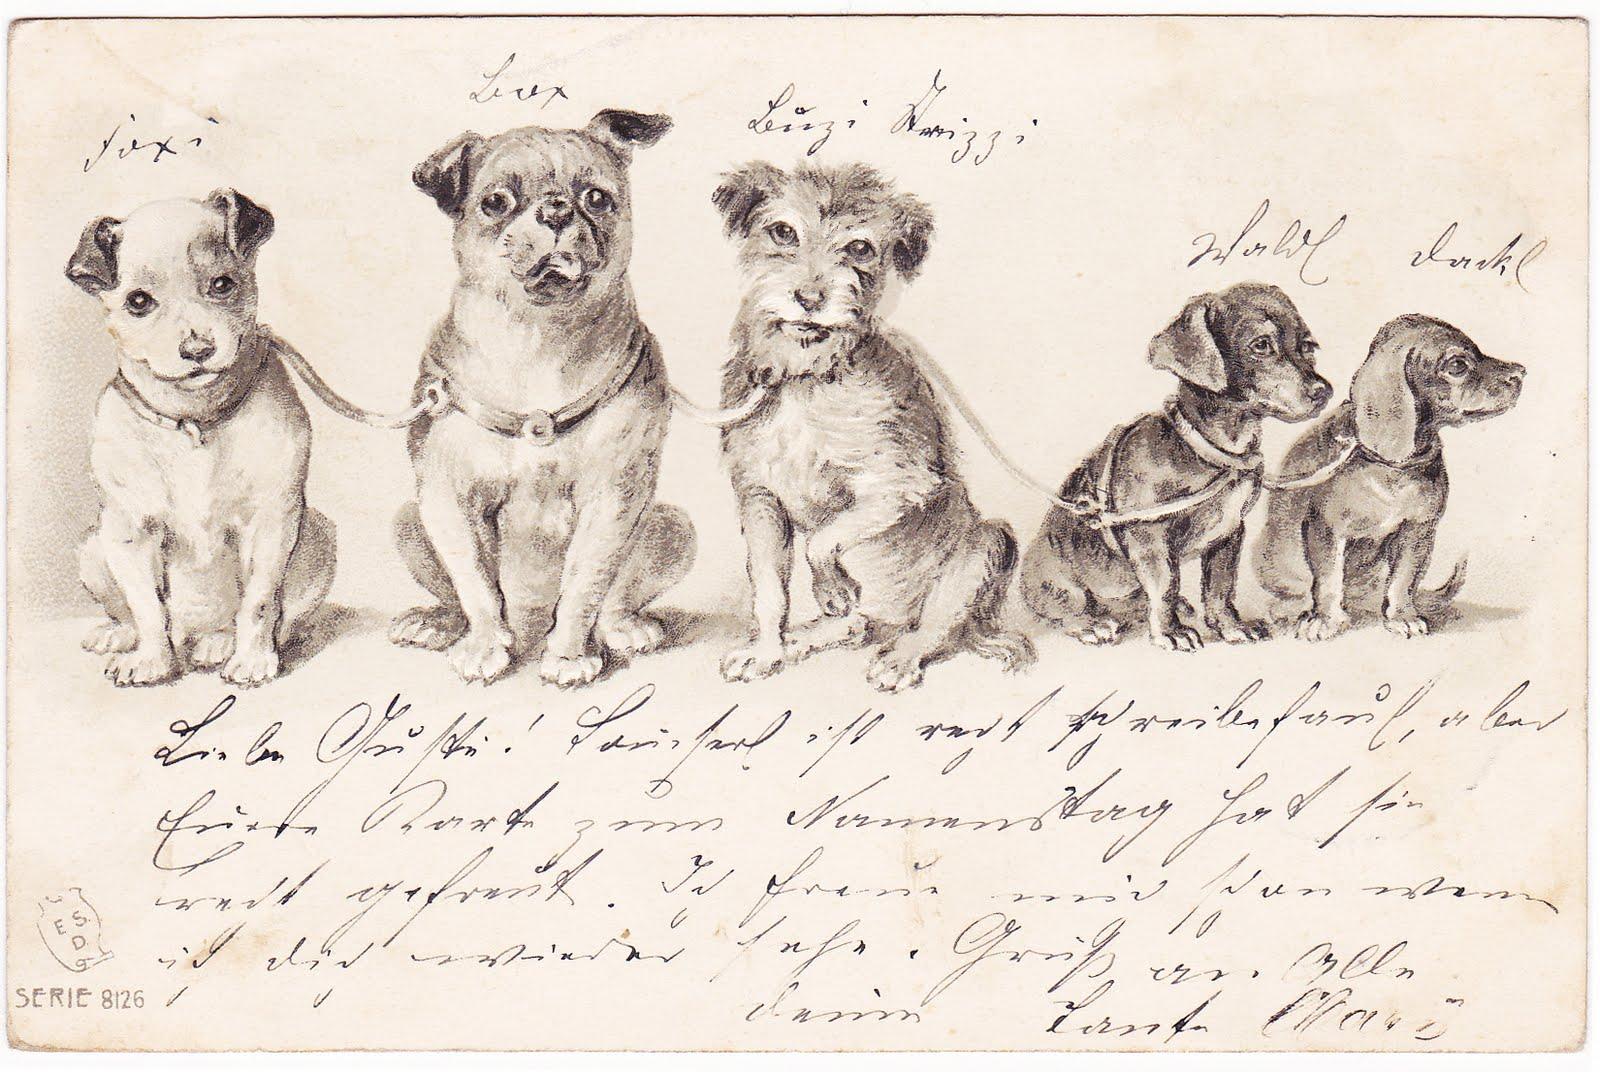 Seaside cottage freebie vintage hunde postkarte - Vintage bilder kostenlos ...